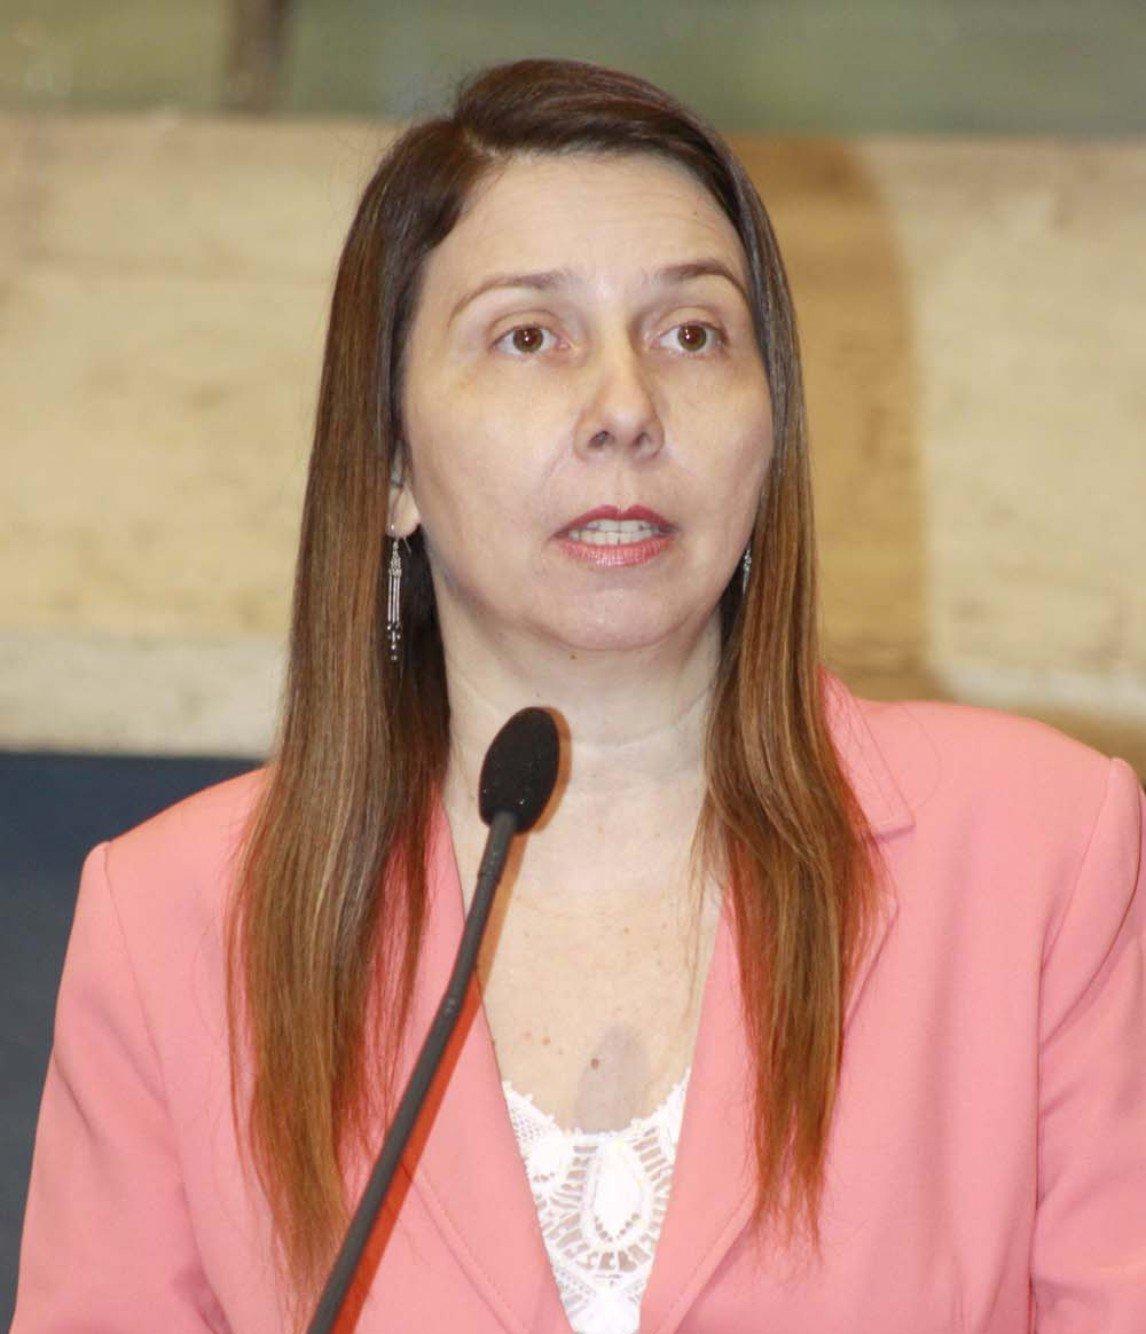 A suplente Rachel Marques deve assumir terça-feira, uma vaga na Assembleia Legislativa, no lugar do atual deputado Jeová Mota, nomeado secretário de esportes do Governo do Estado